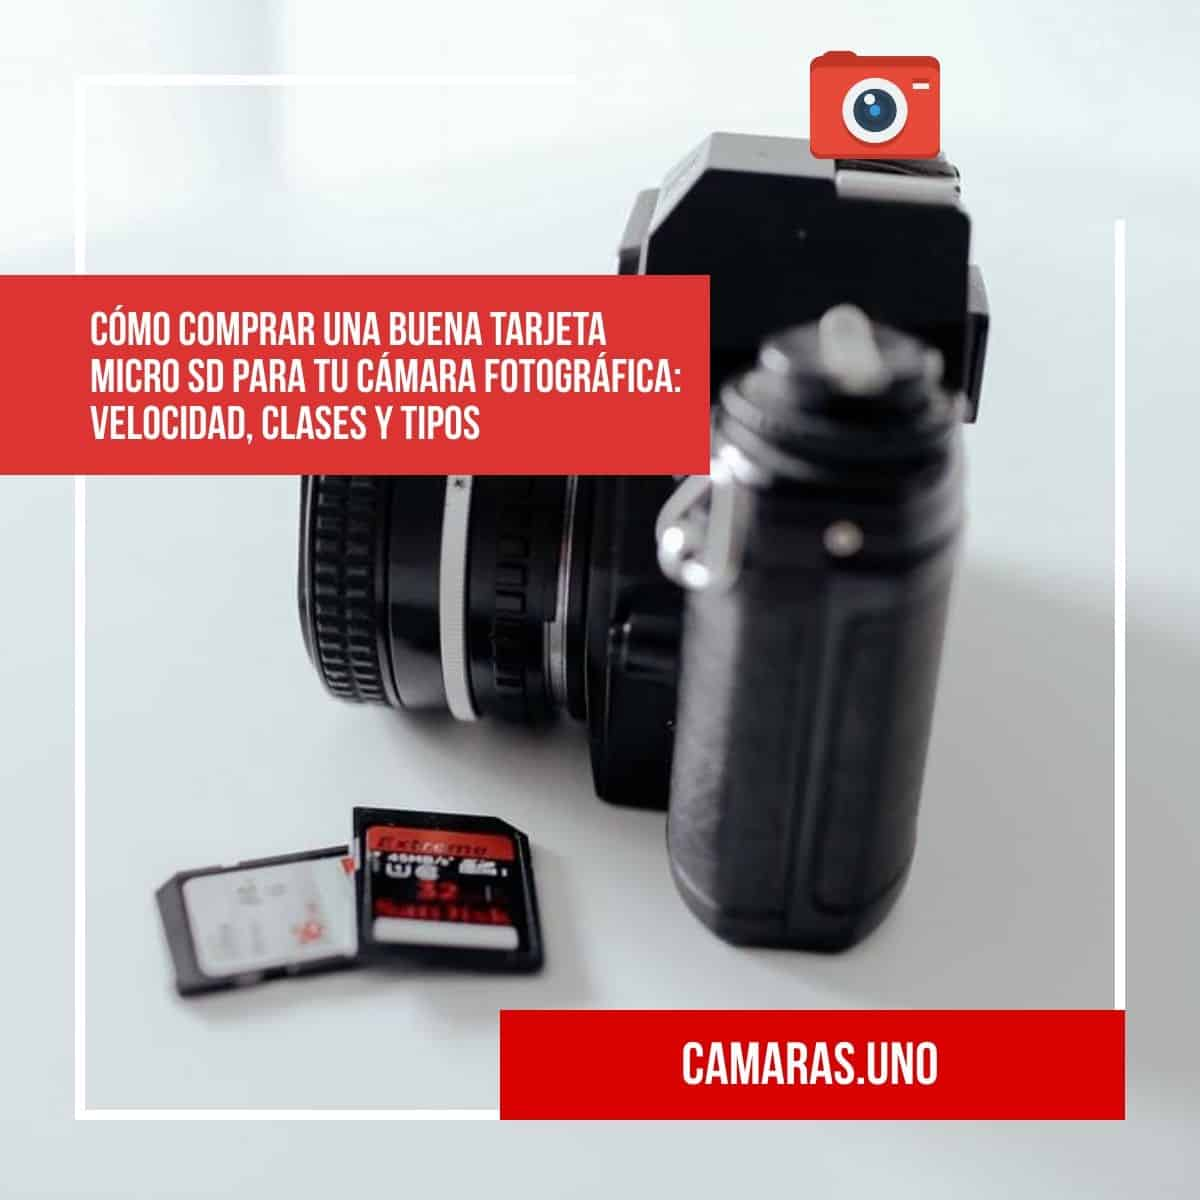 Cómo comprar una buena tarjeta micro SD para tu cámara fotográfica: velocidad, clases y tipos